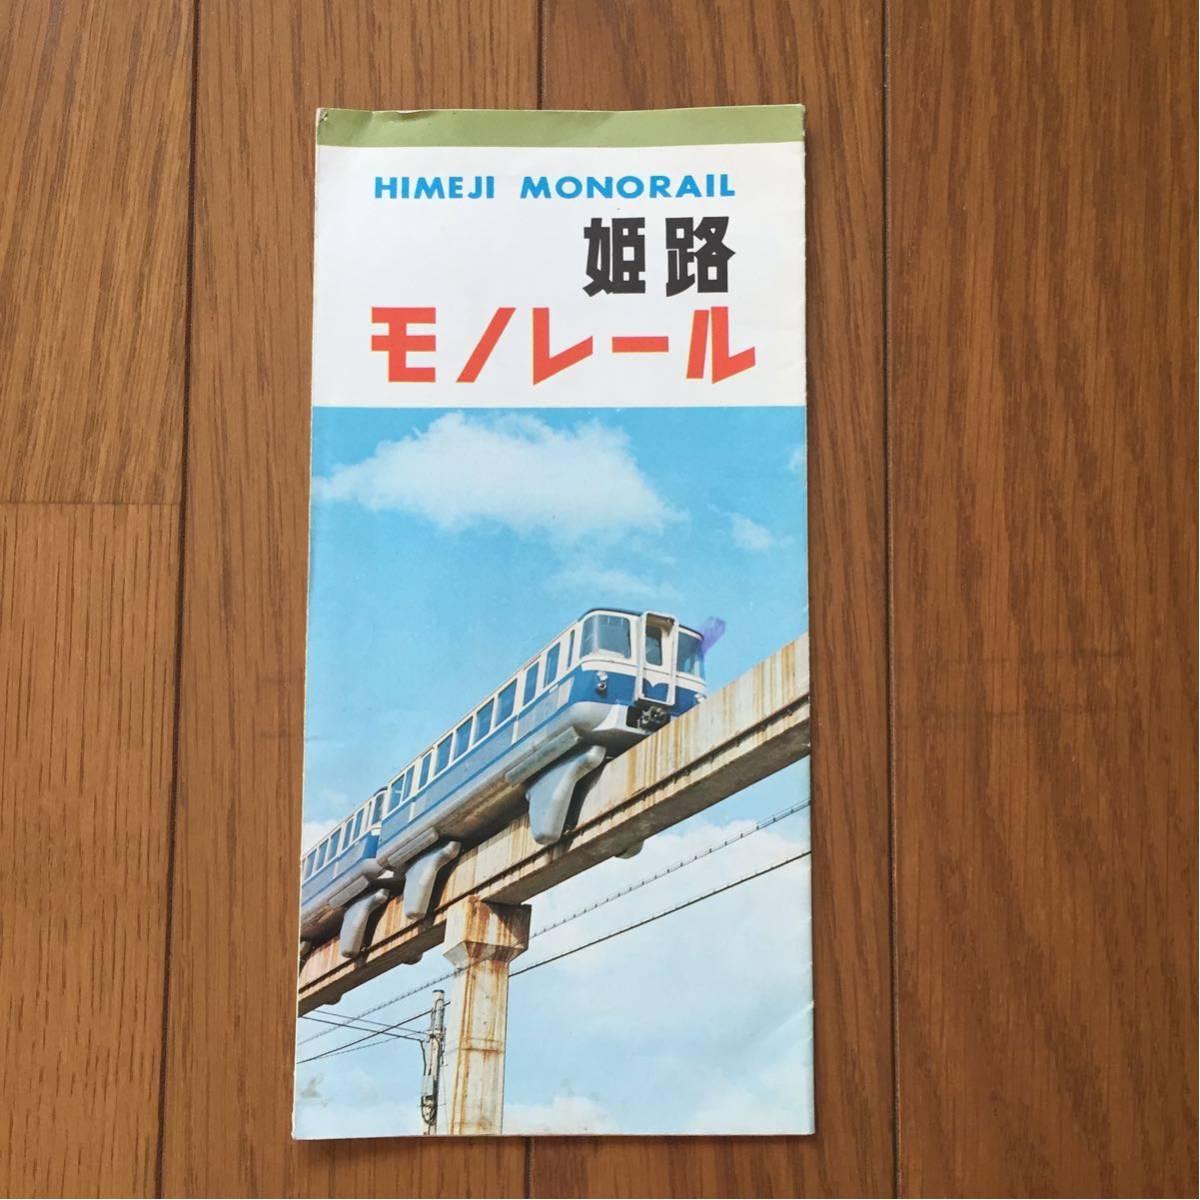 昭和レトロ 昭和 観光 パンフレット 姫路モノレール 運転時分 運賃表 当時物 チラシ